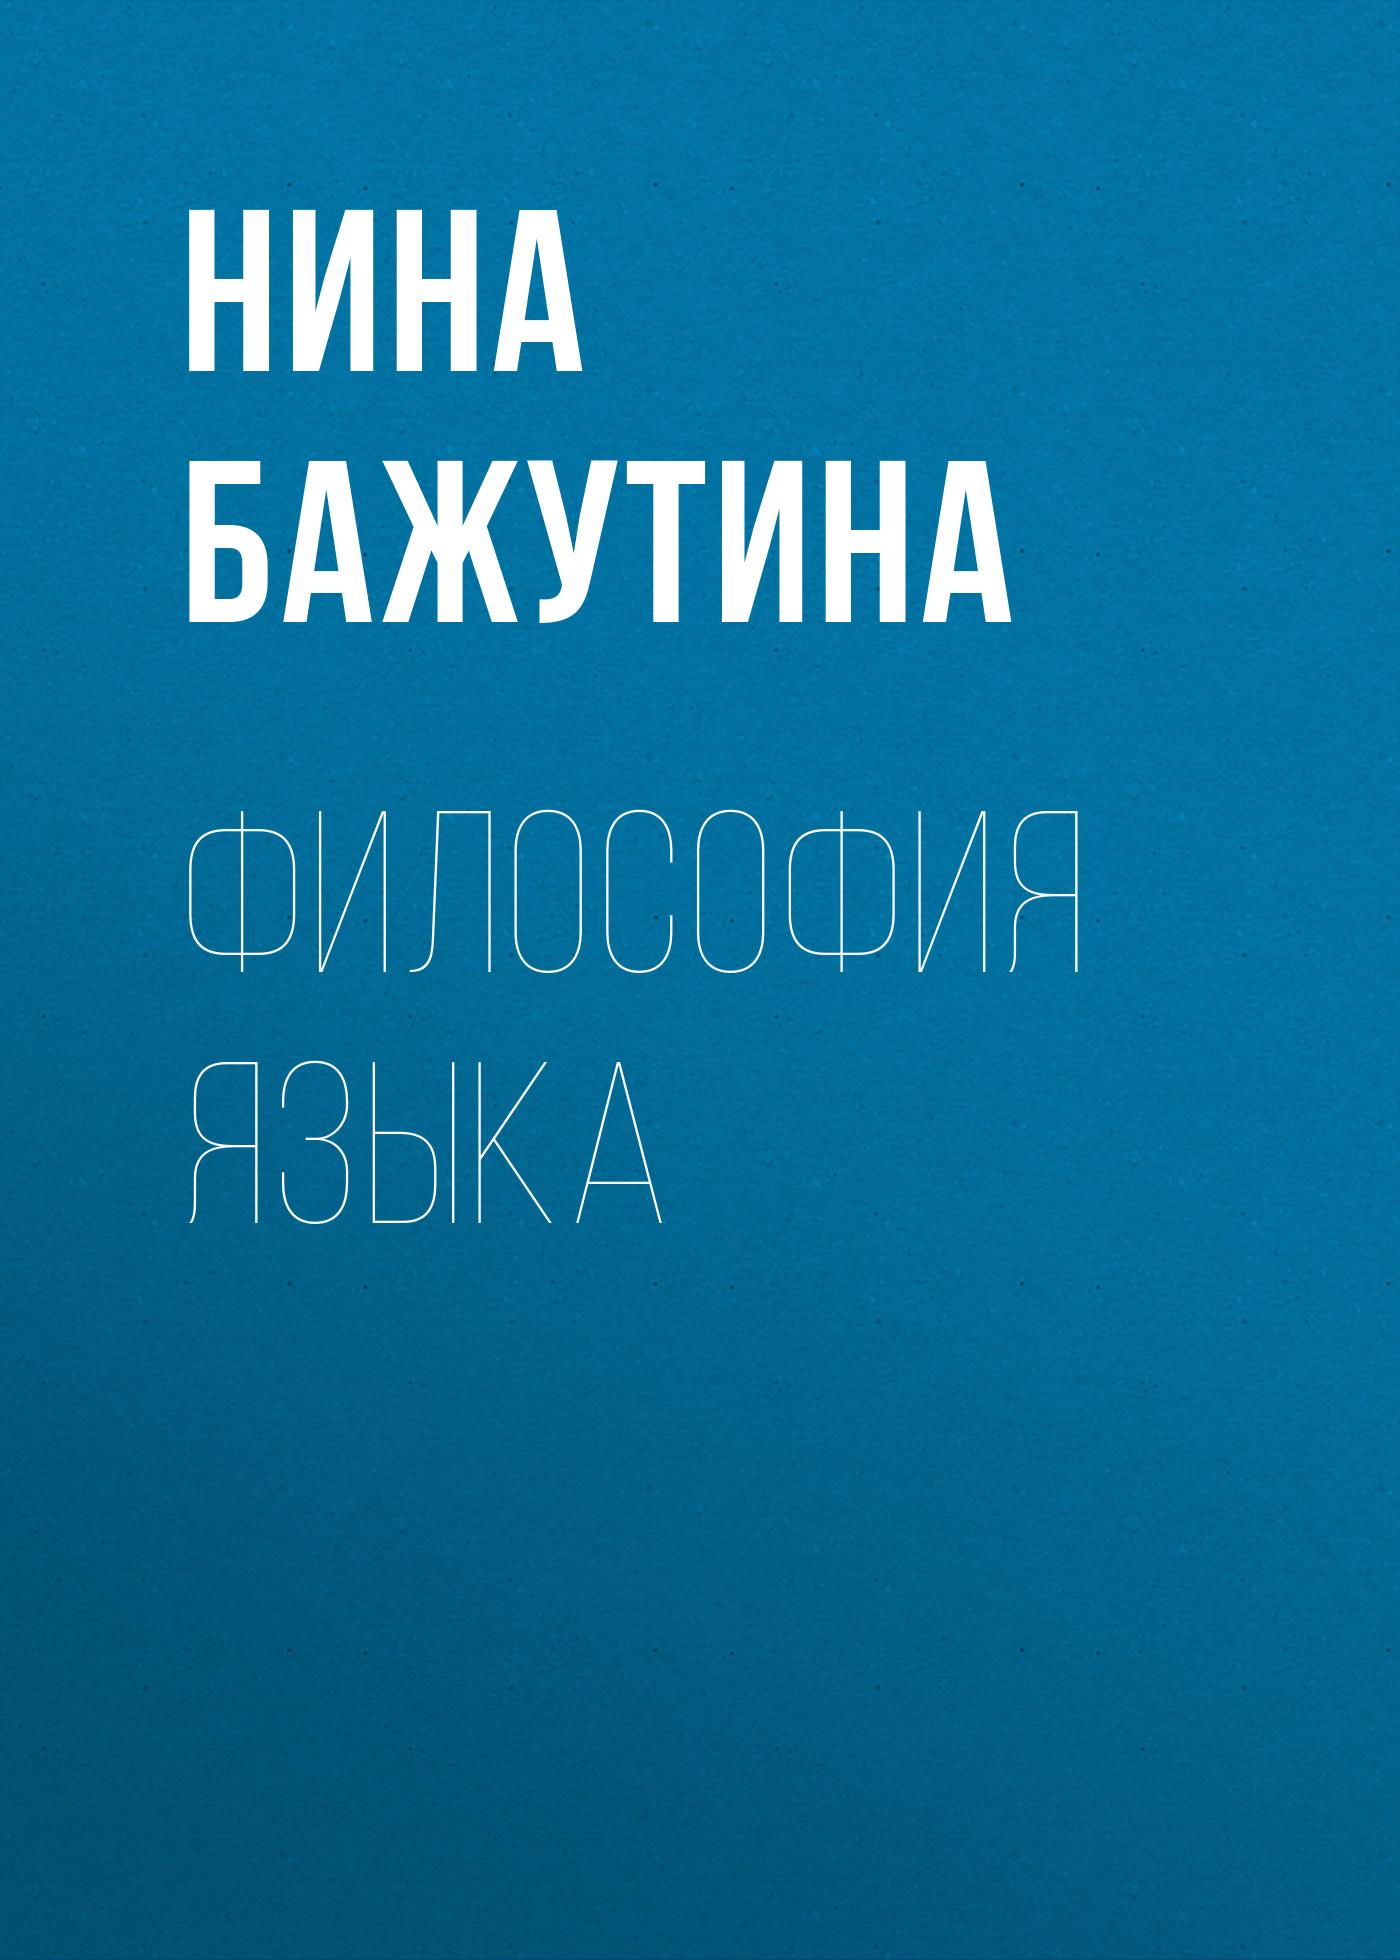 Фото - Н. С. Бажутина Философия языка роман кацман философия языка агнона